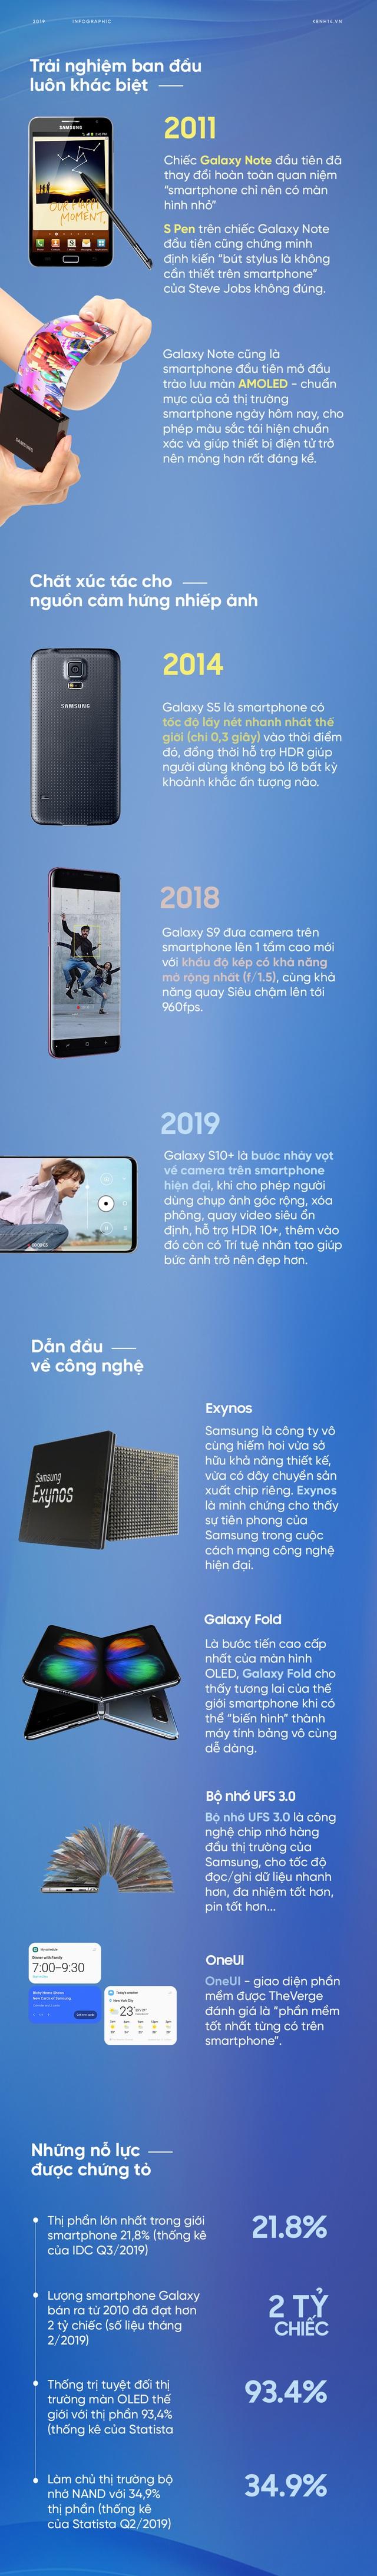 Những tính năng đặc quyền trên Galaxy chinh phục người dùng Việt qua 10 năm - Ảnh 1.